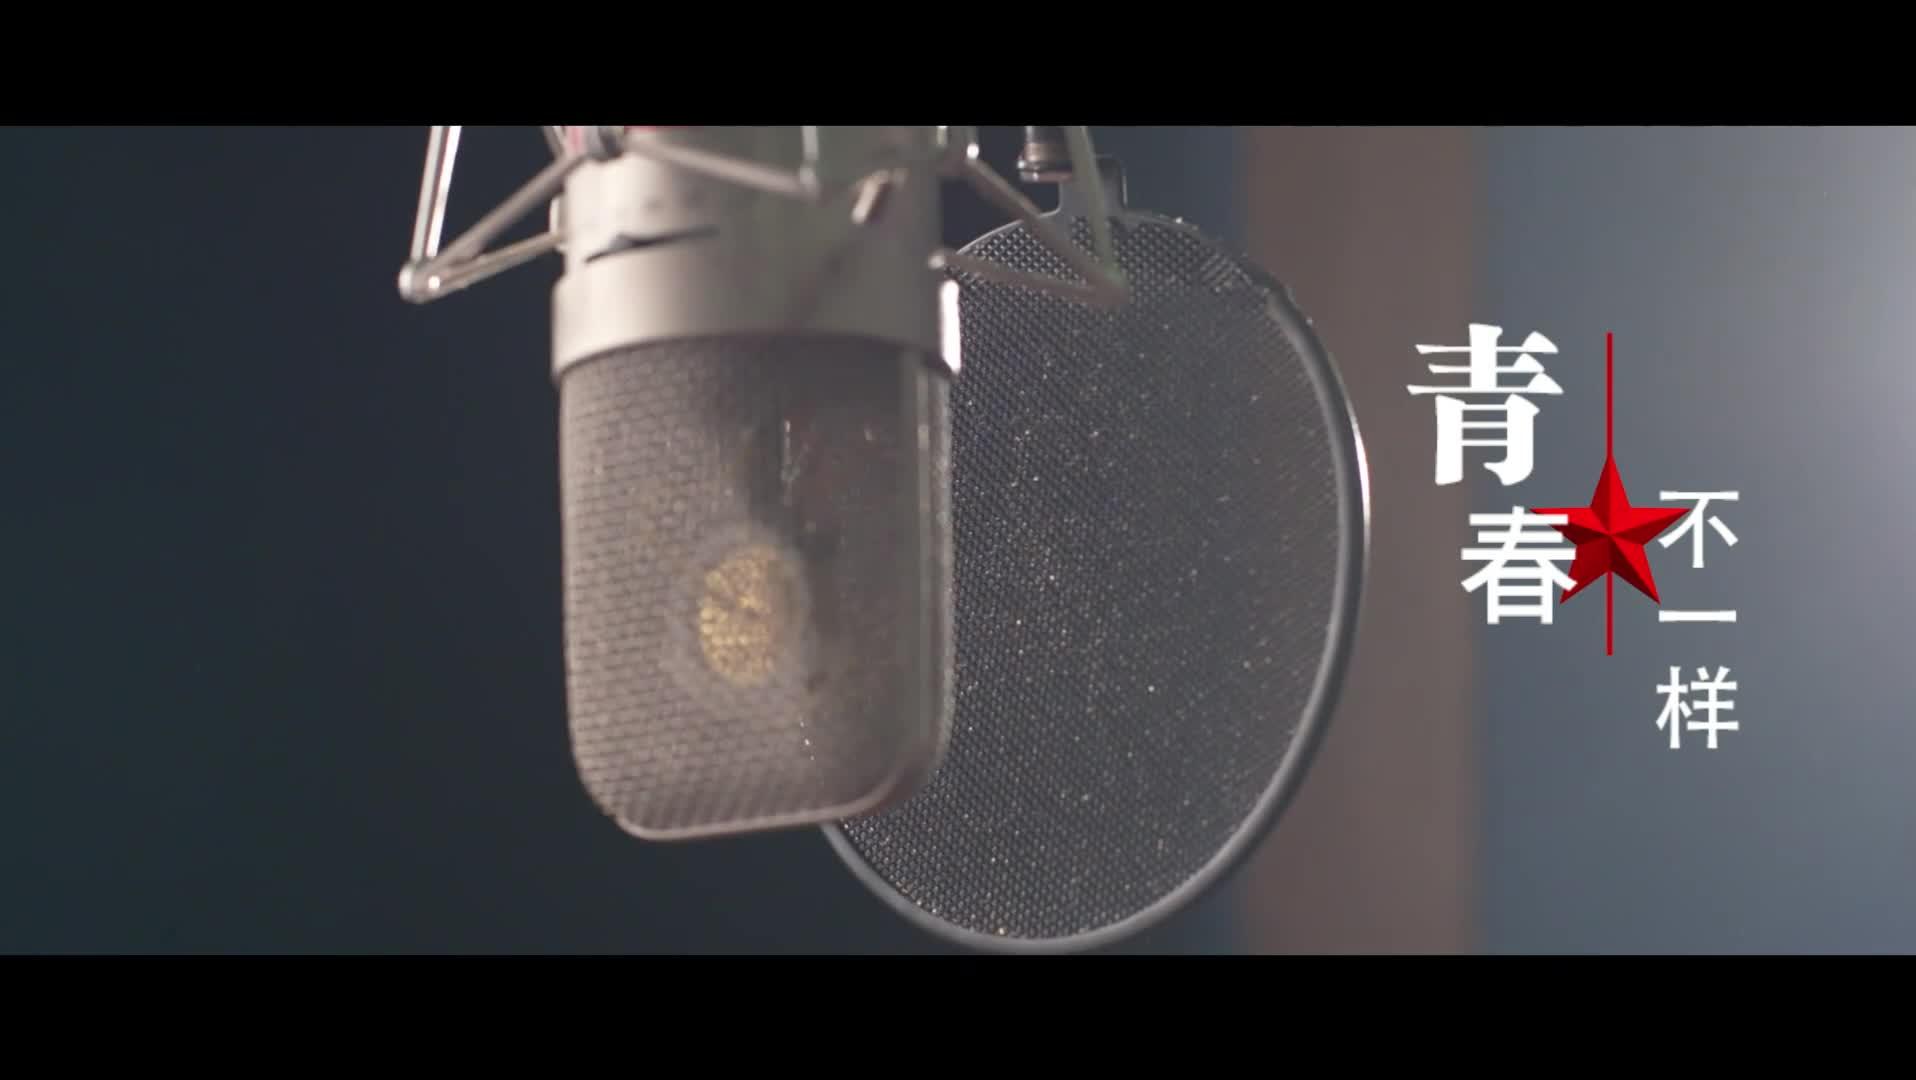 #解放军征兵宣传片#青春不一样!2018解放军征兵宣传片主题曲上线